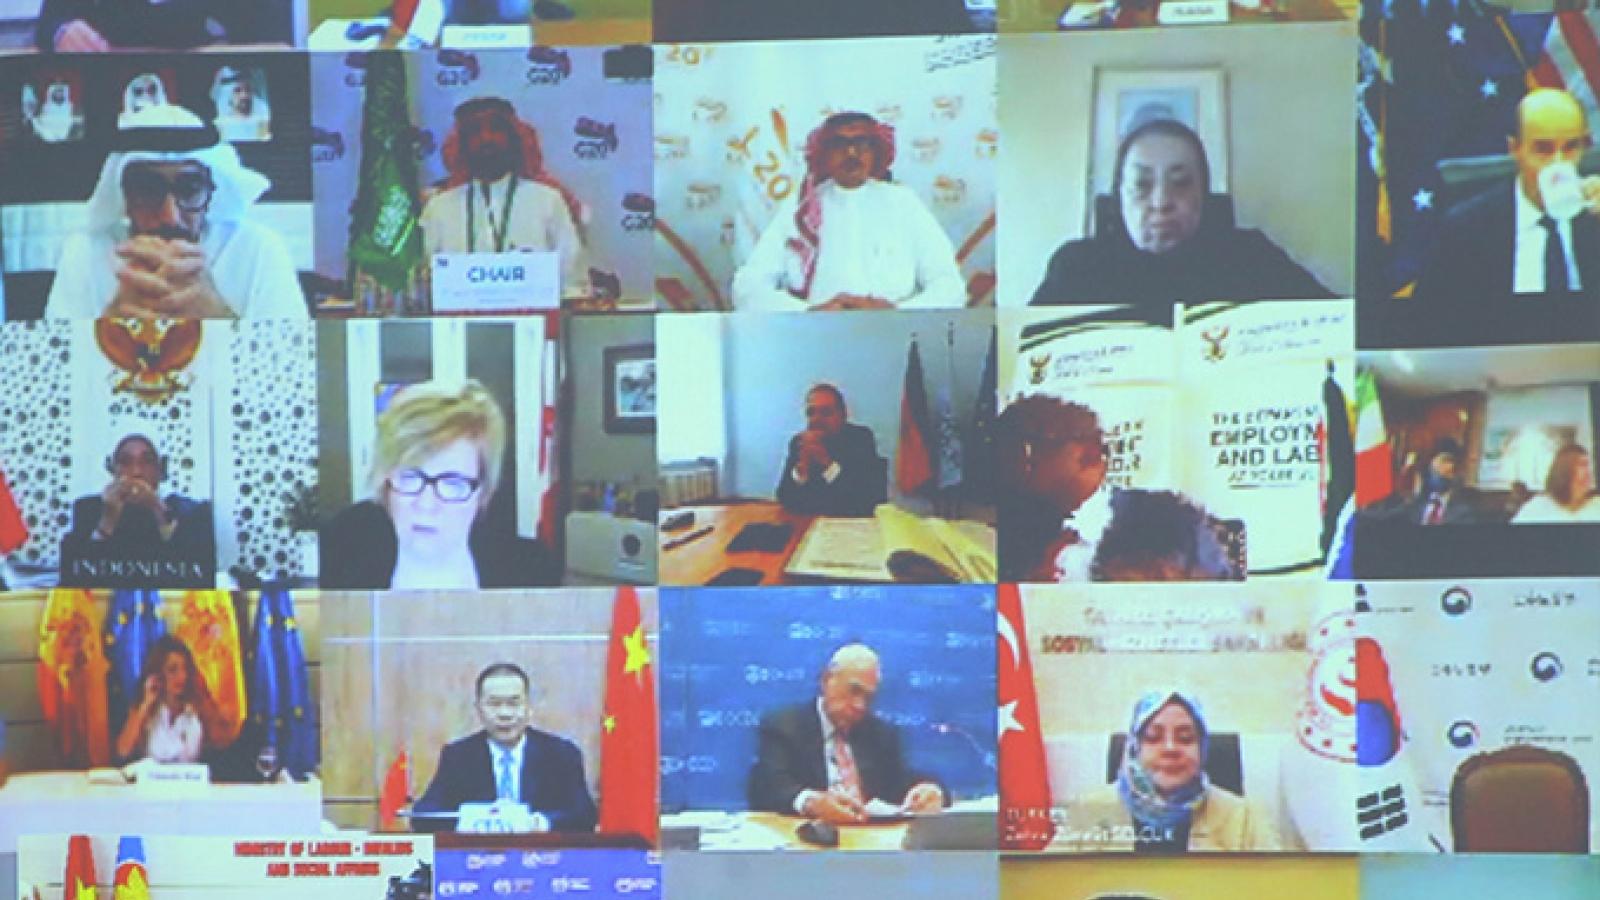 Việt Nam dự hội nghị trực tuyến Bộ trưởng Lao động và Việc làm G20